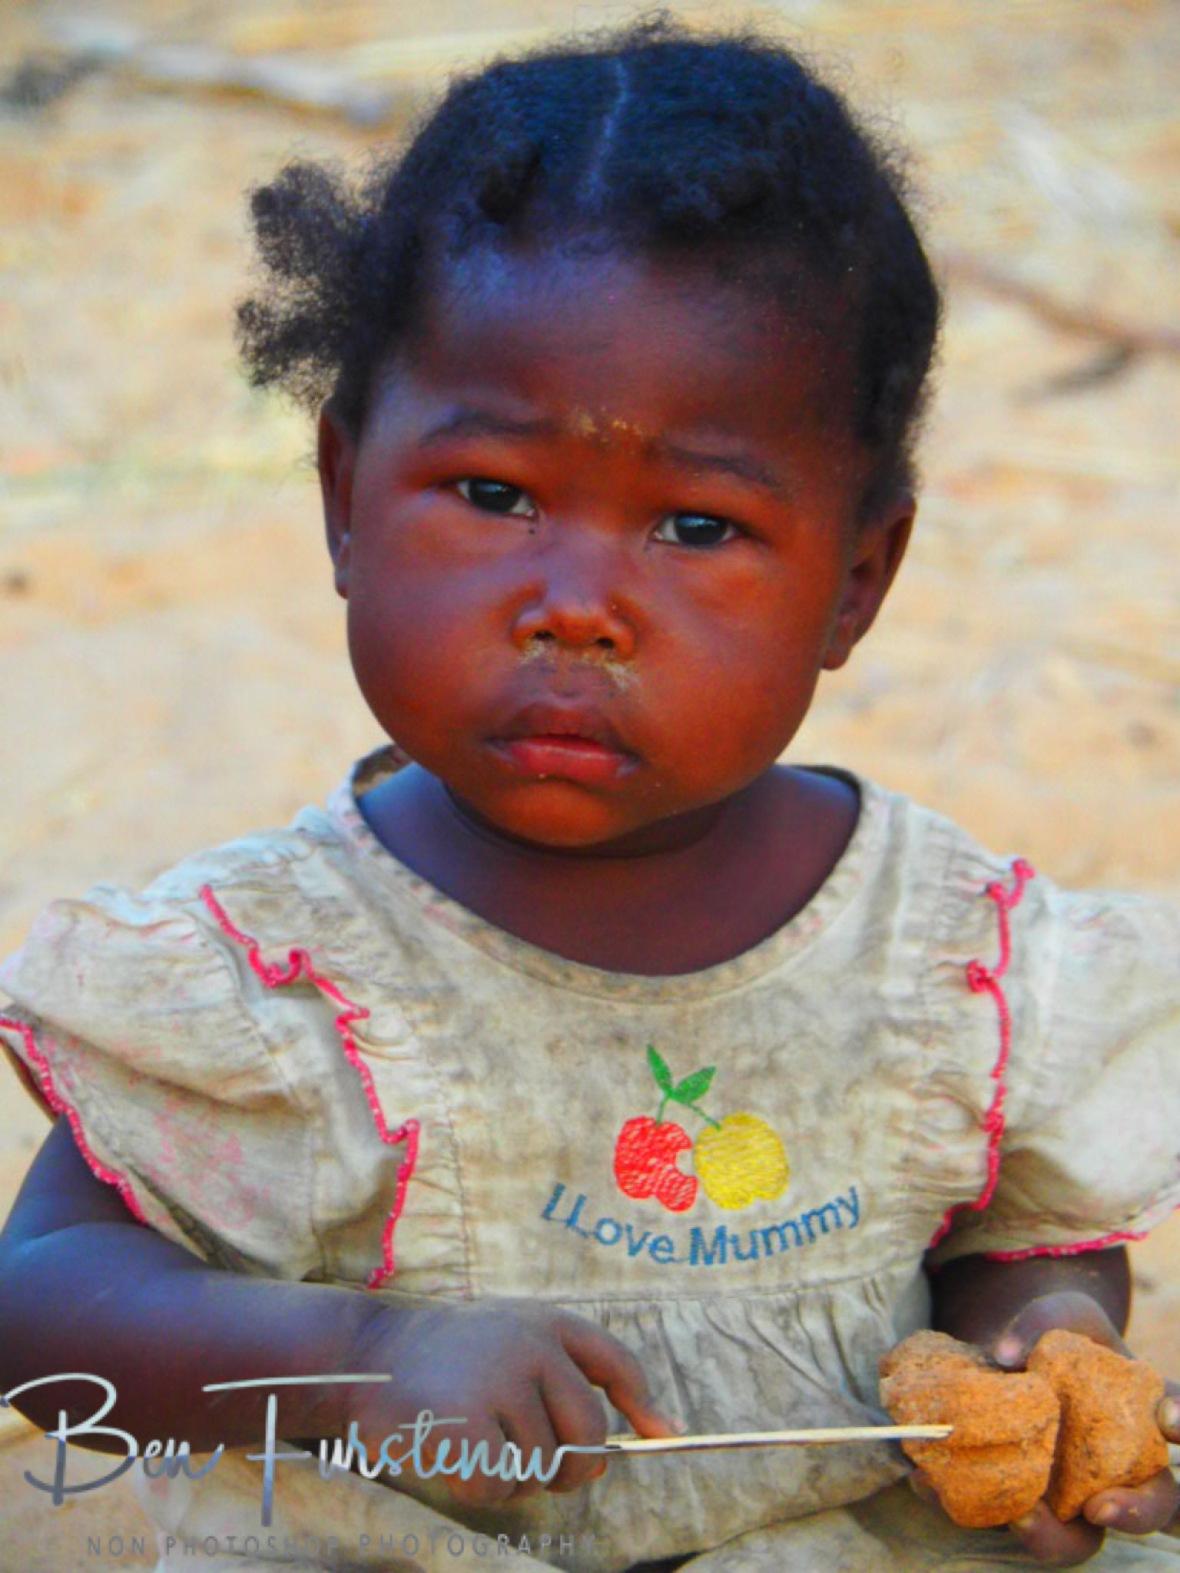 She loves Mummy, Lukulu, Zambia